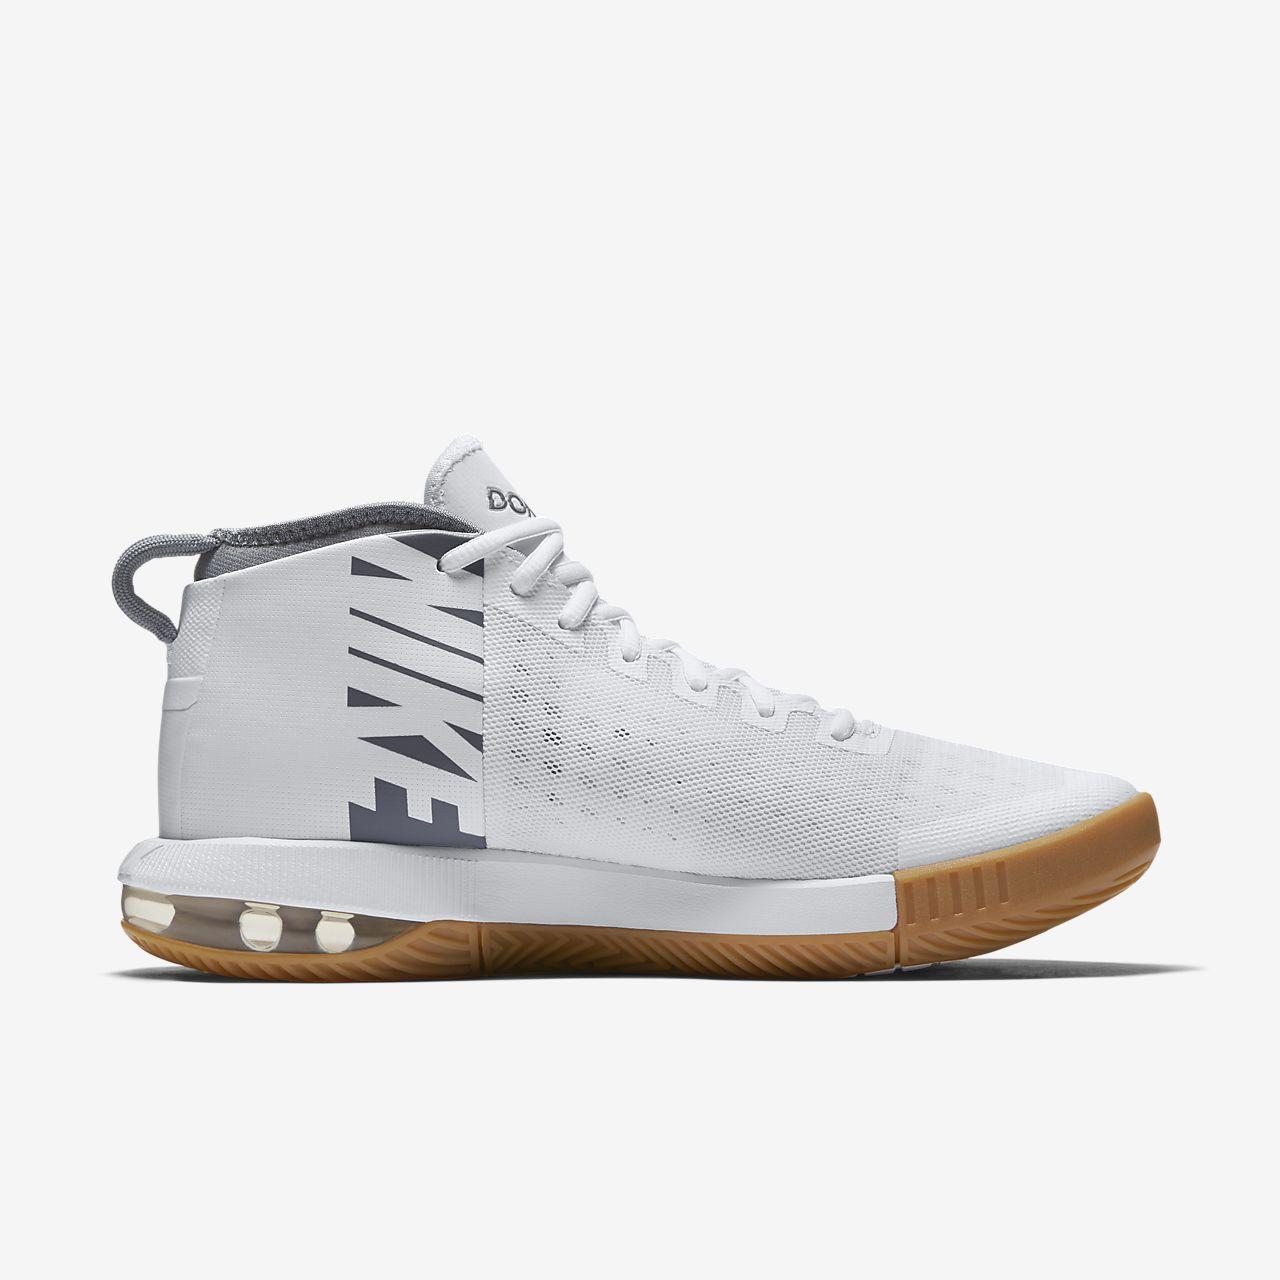 Nike Air Shoe Tread